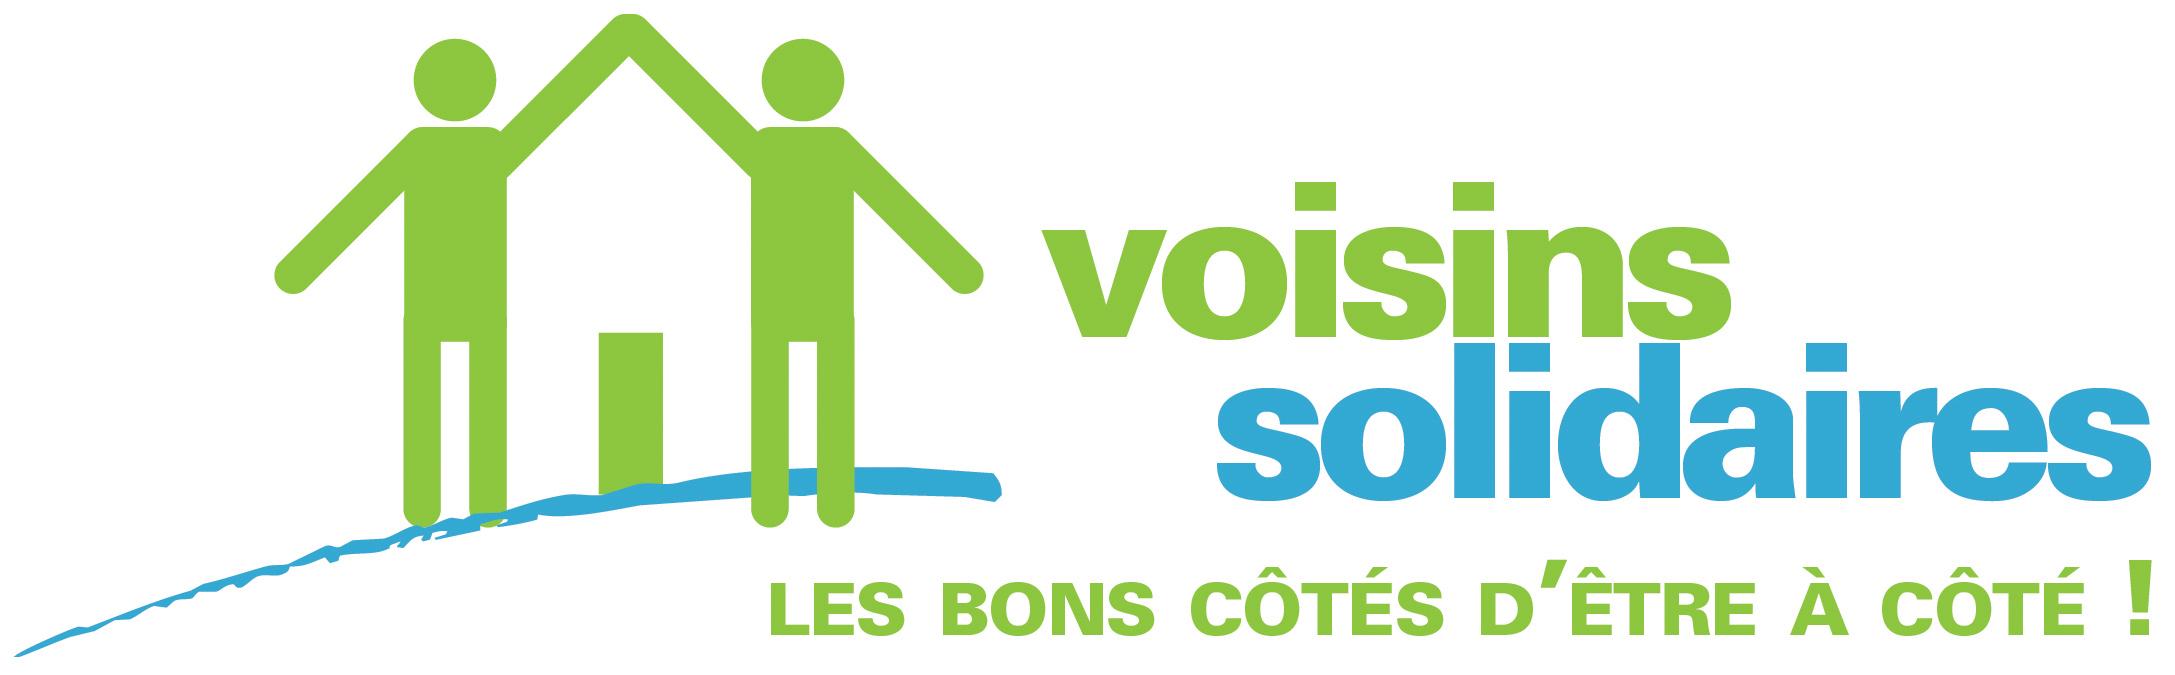 Logo Voisins solidaires